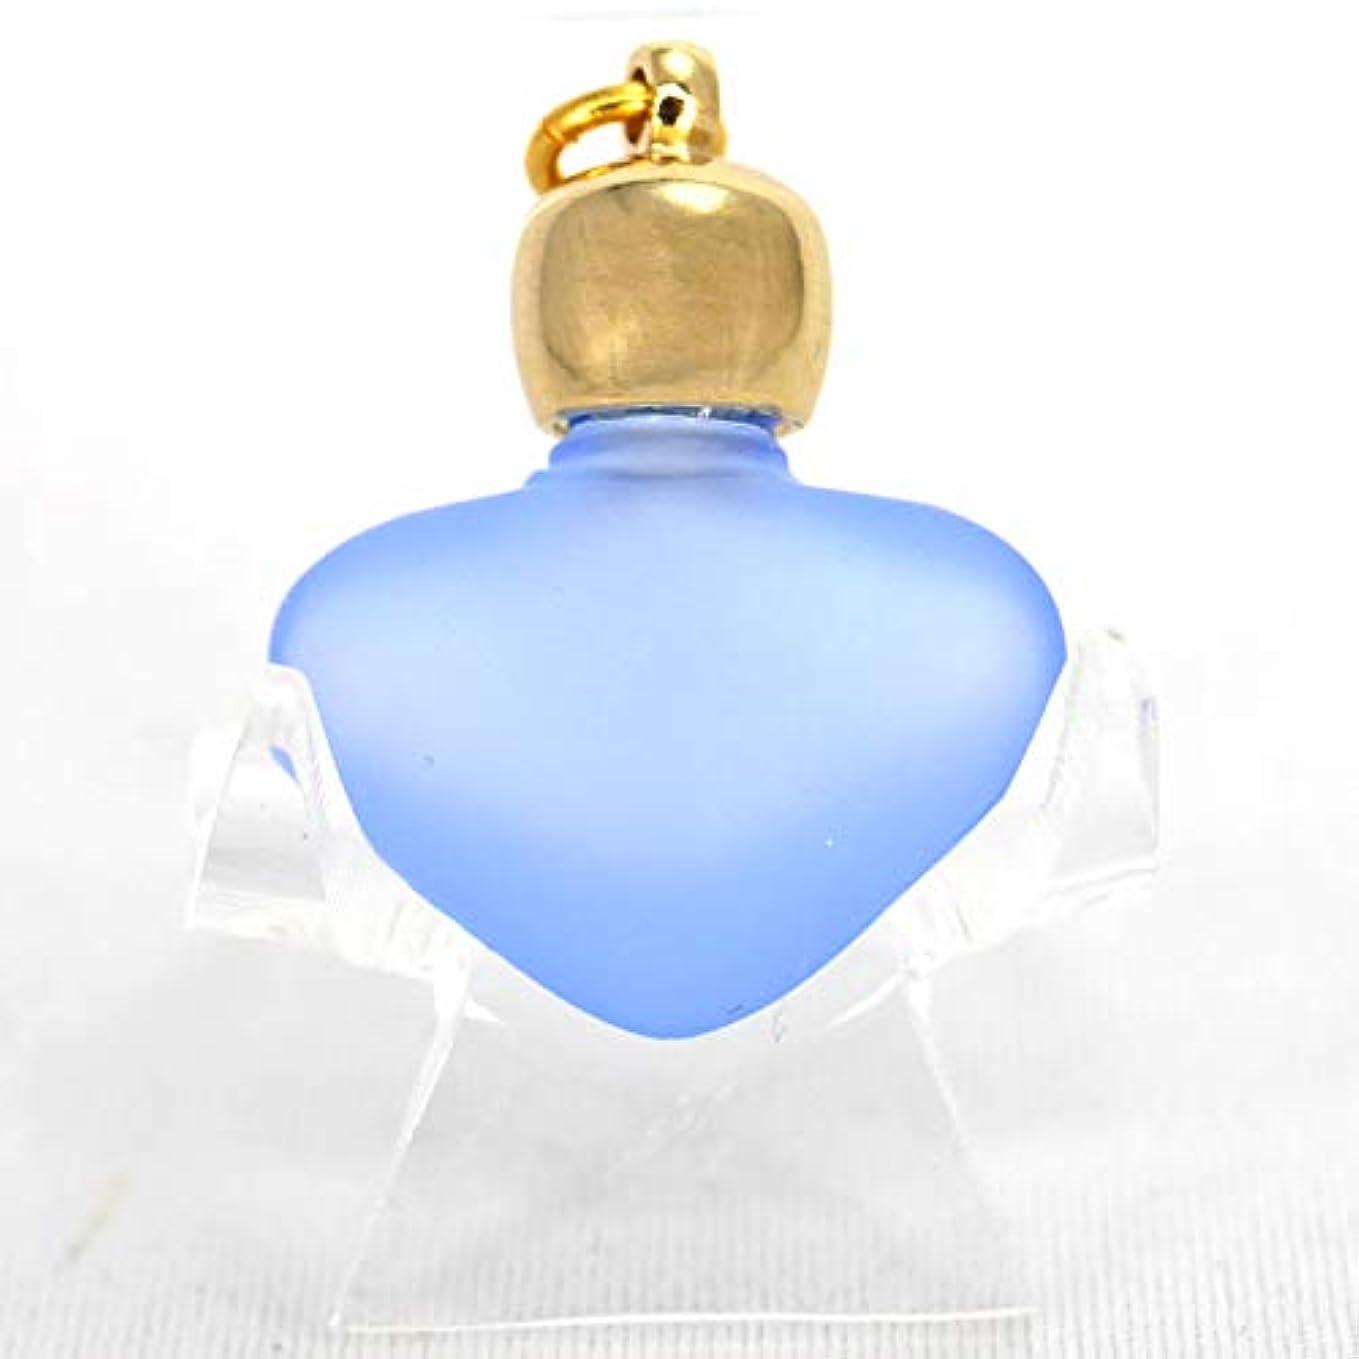 反射ペスト窒素ミニ香水瓶 アロマペンダントトップ ハートブルーフロスト(青すりガラス)0.8ml?ゴールド?穴あきキャップ、パッキン付属【アロマオイル?メモリーオイル入れにオススメ】